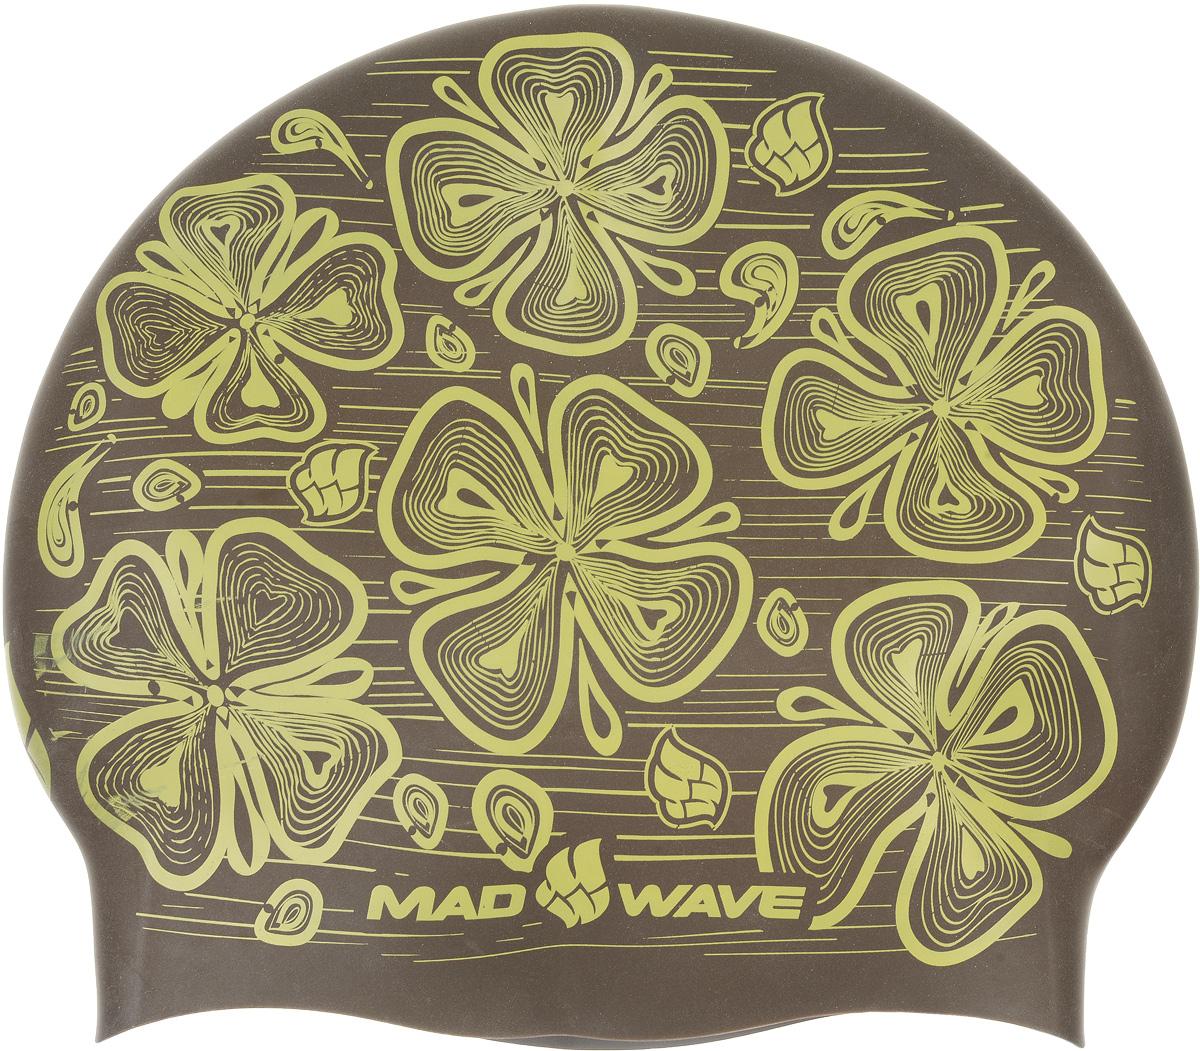 """Шапочка для плавания MadWave """"Reverse Flora"""", силиконовая, двусторонняя, цвет: серый, коричневый M0552 08 0 17W"""